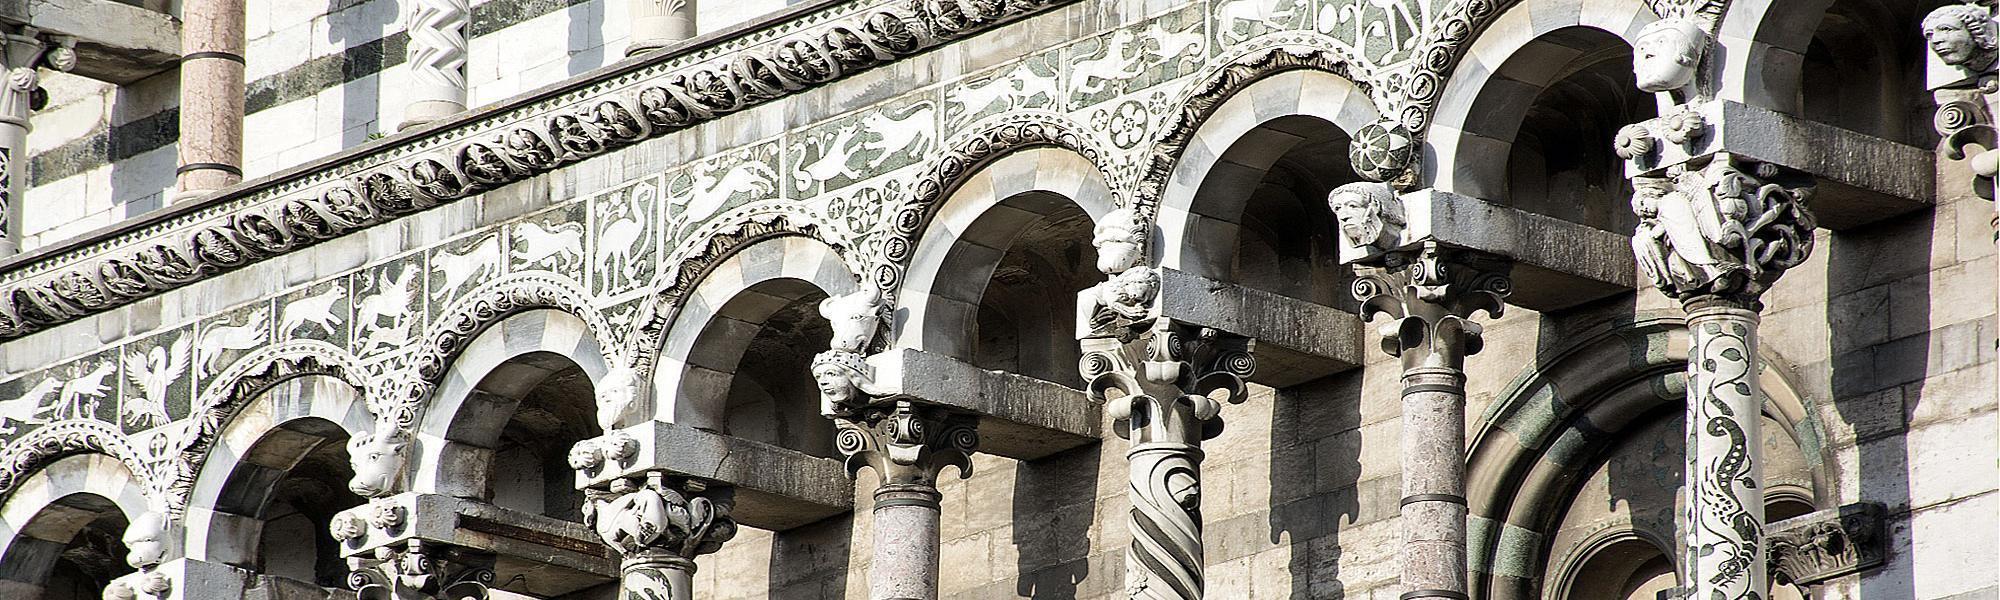 Dettaglio della decorazione architettonica del Duomo di Pisa